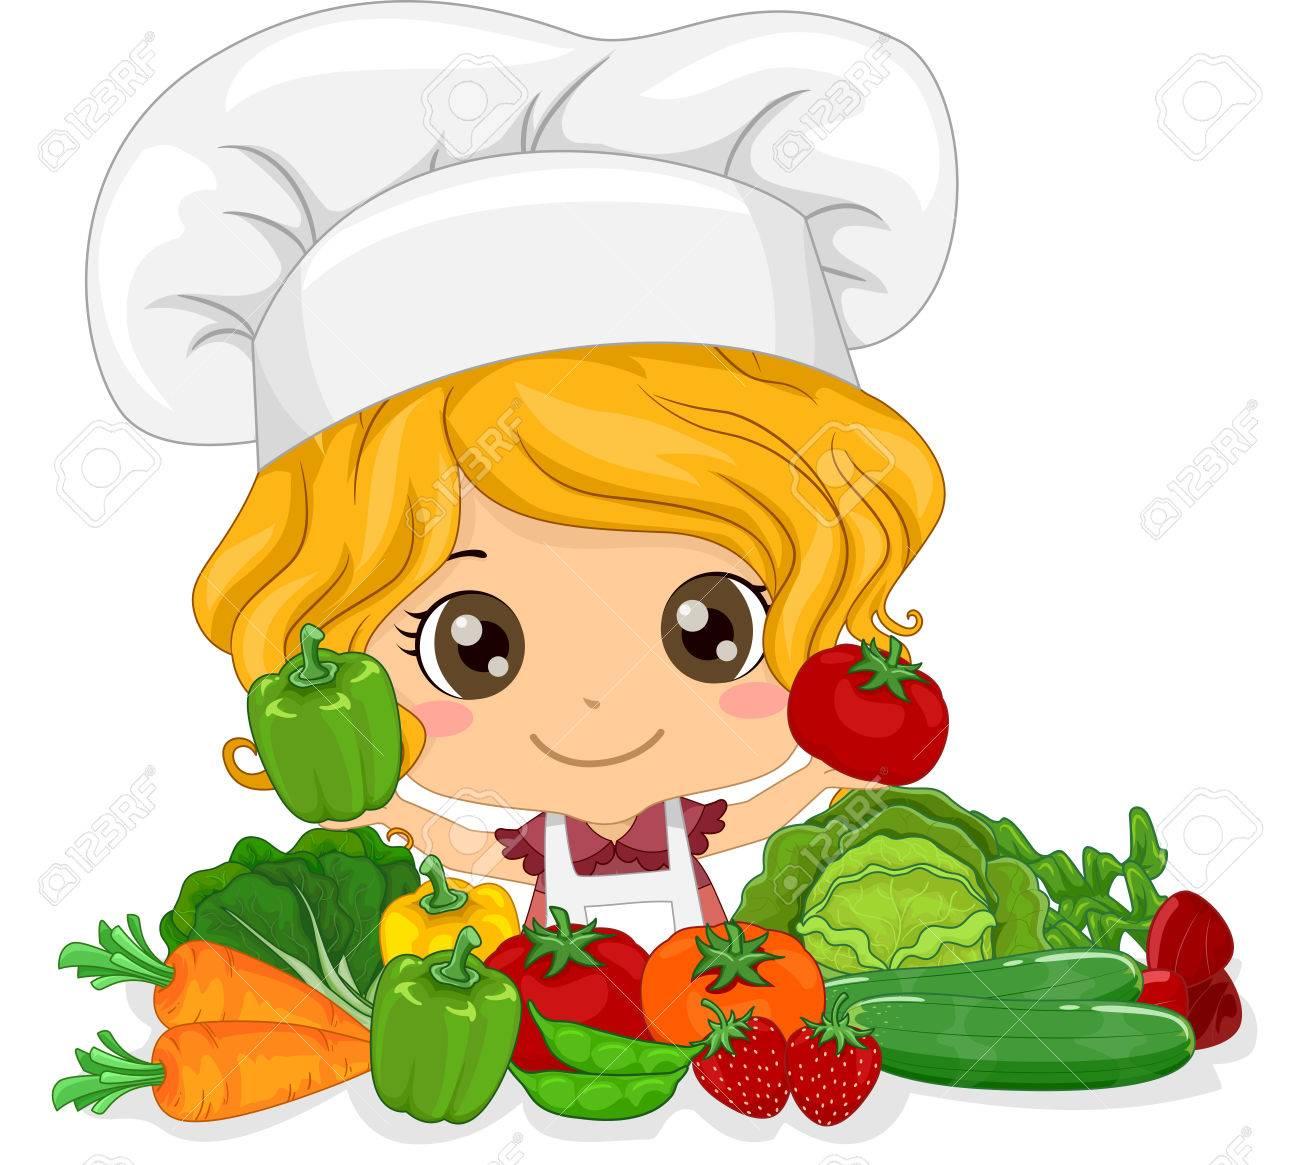 新鮮な提示トークでかわいい女の子のイラストを選んだ野菜